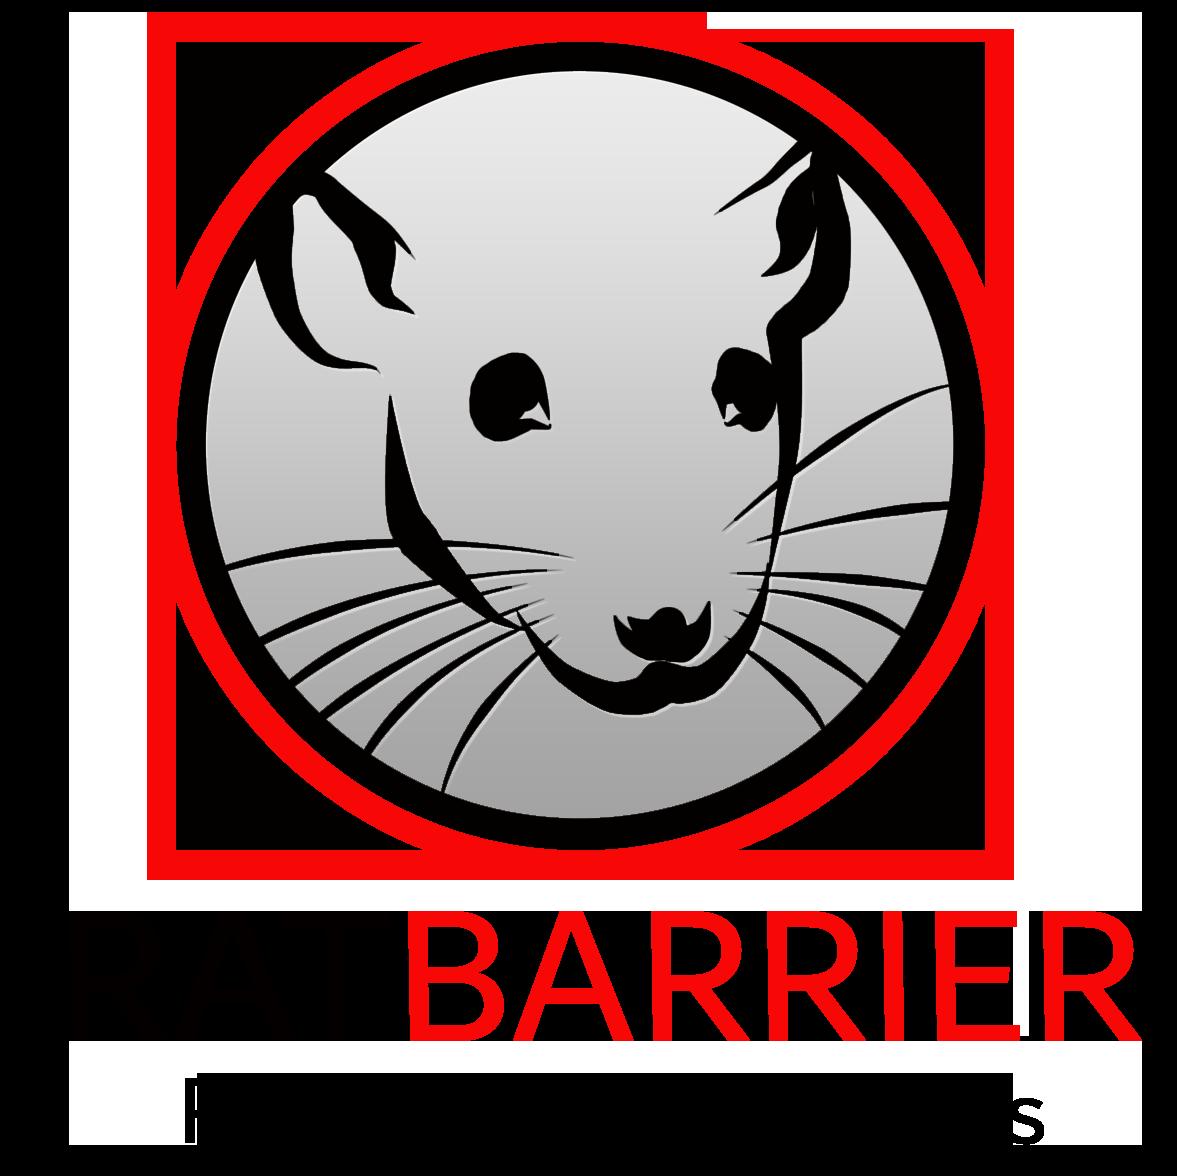 Ratbarrier